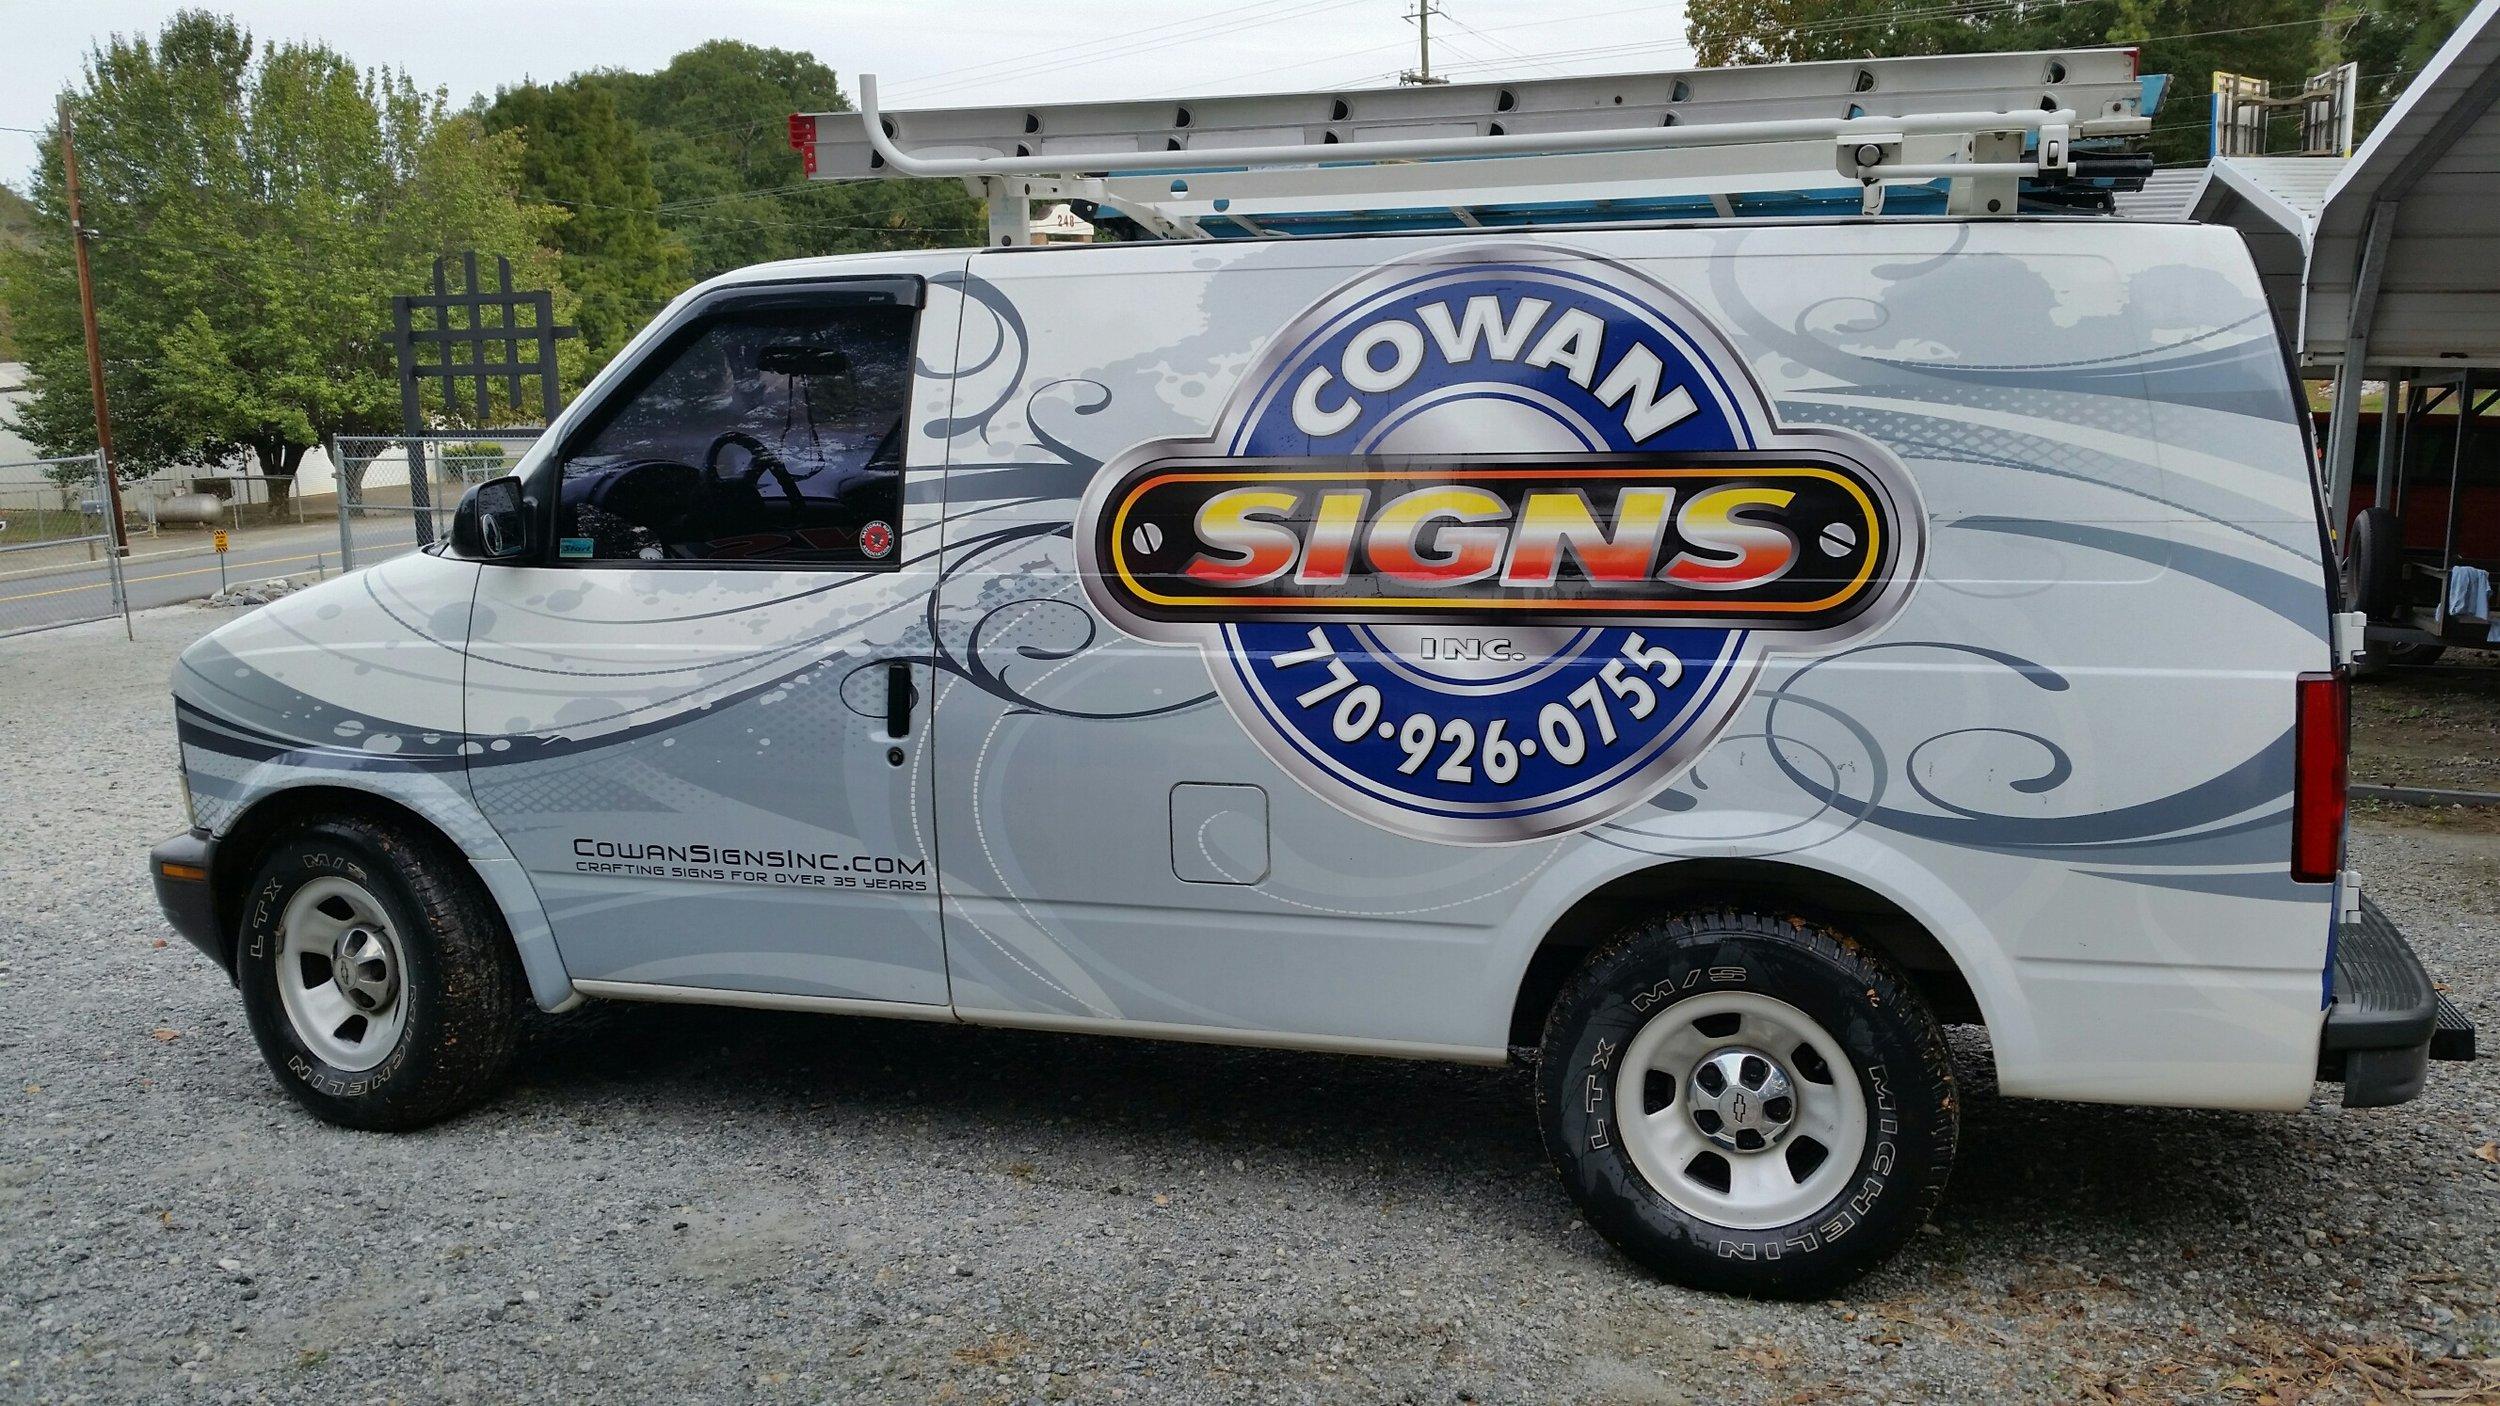 cowan signs van 3.jpg